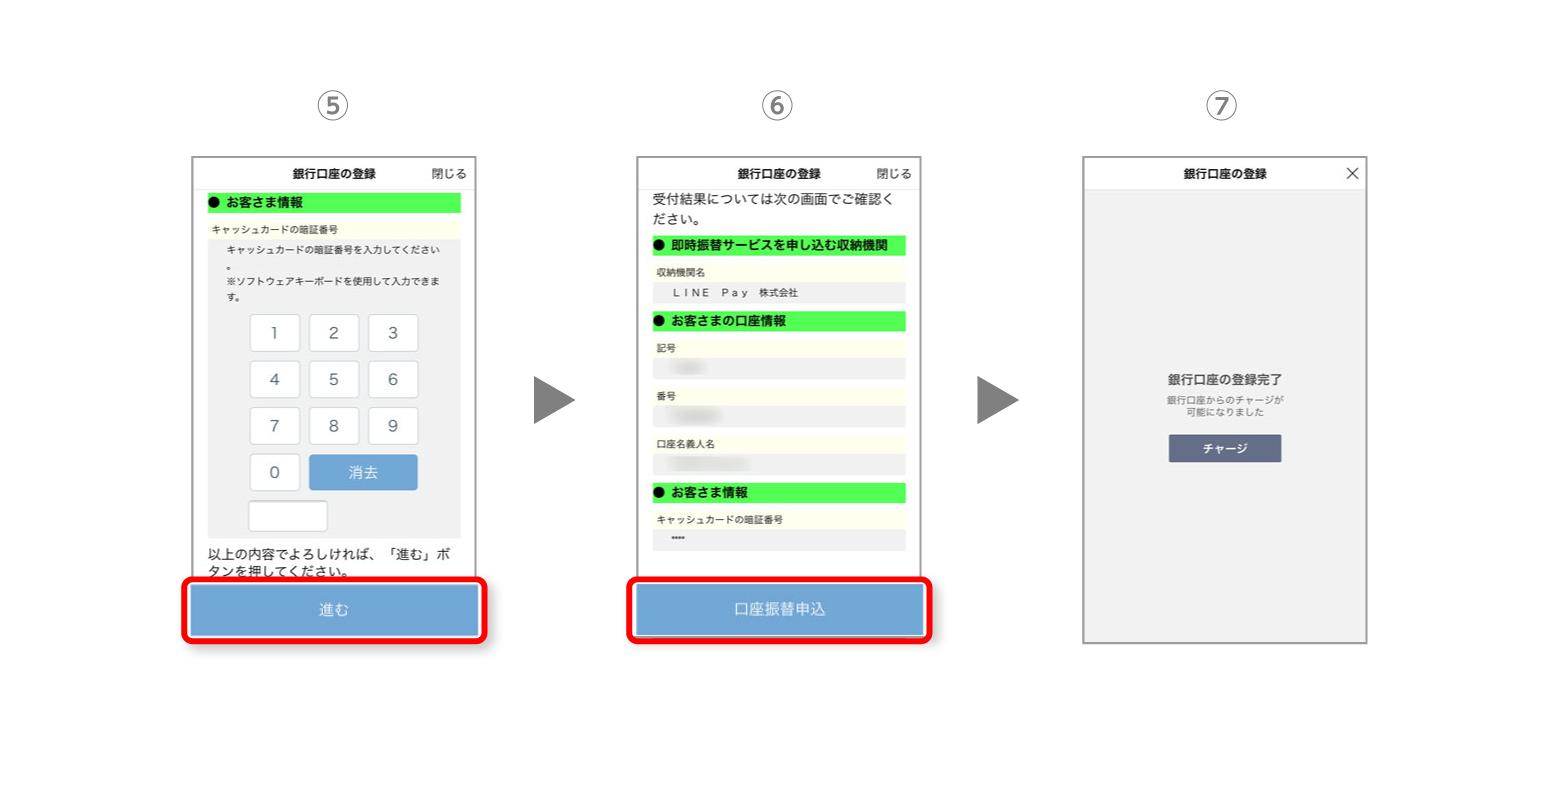 サイト ゆうちょ 銀行 web